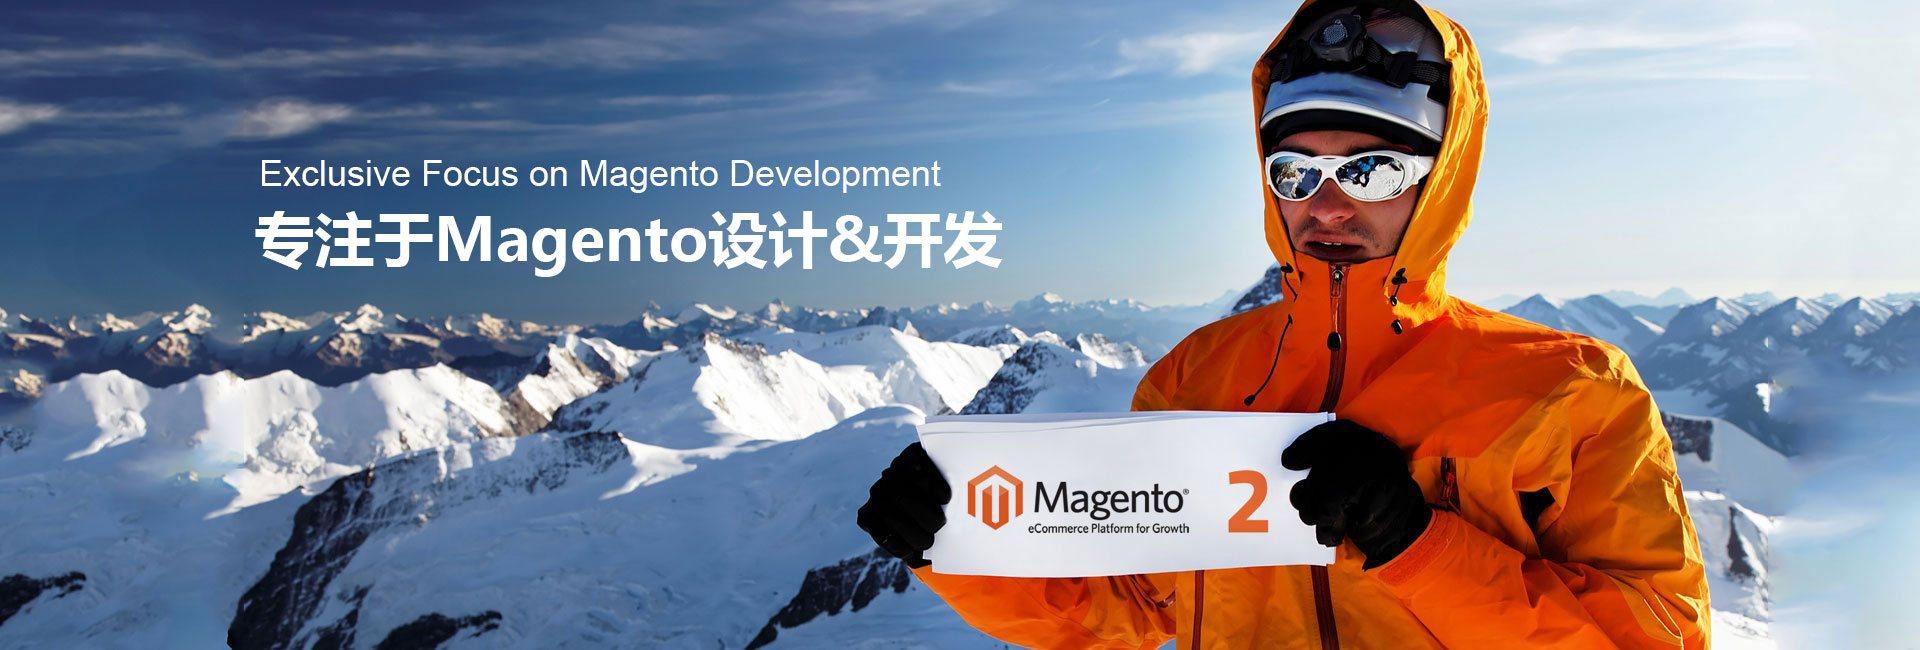 专注Magento设计与开发